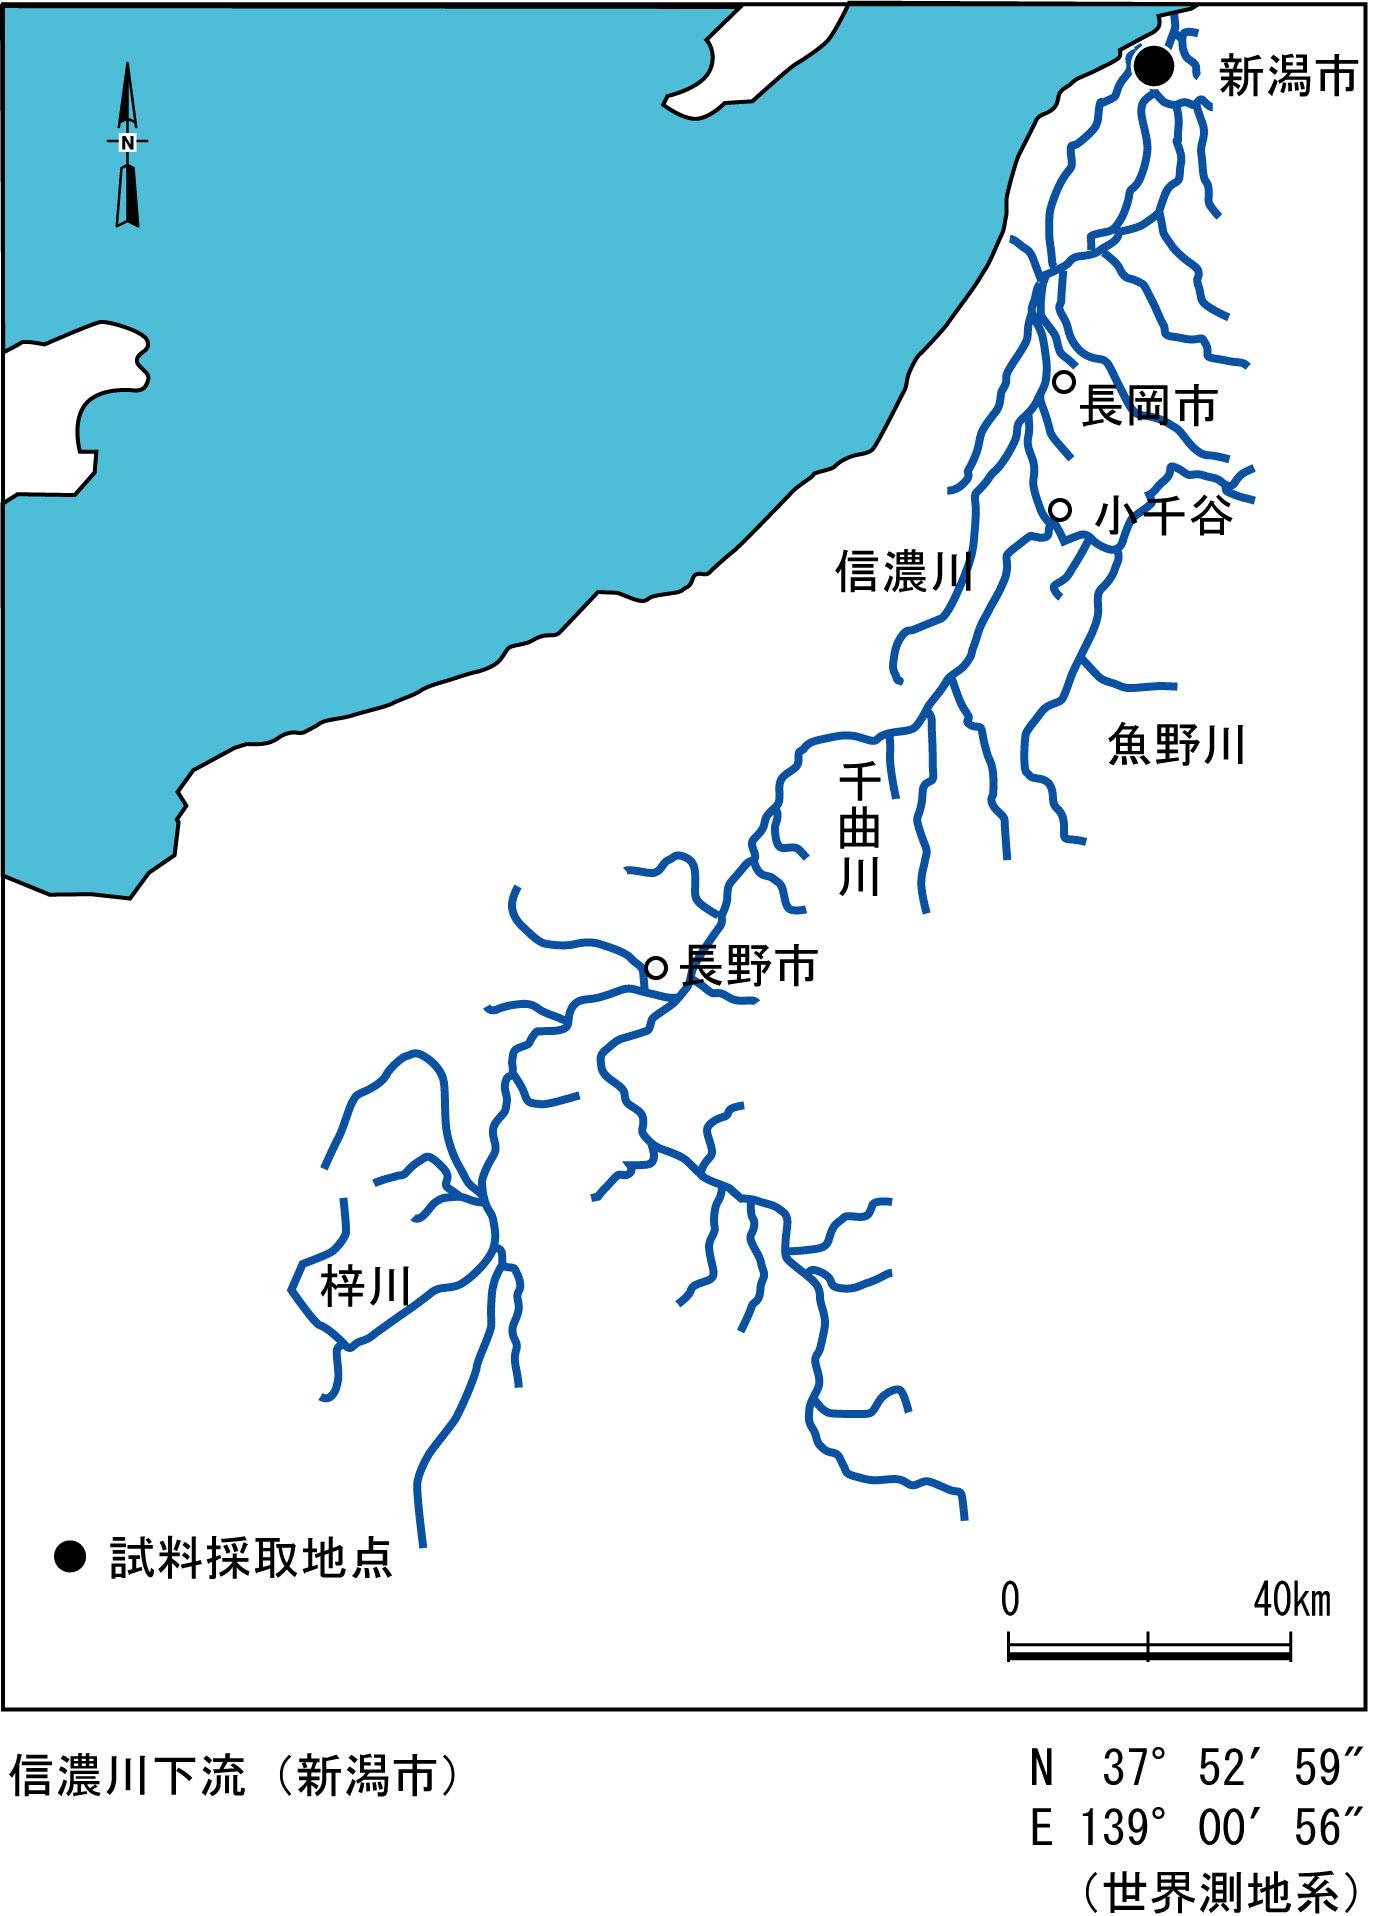 地図 信濃 川 千曲川河川事務所 河川情報(水位、雨量、水質、全国の雨量及び水位)